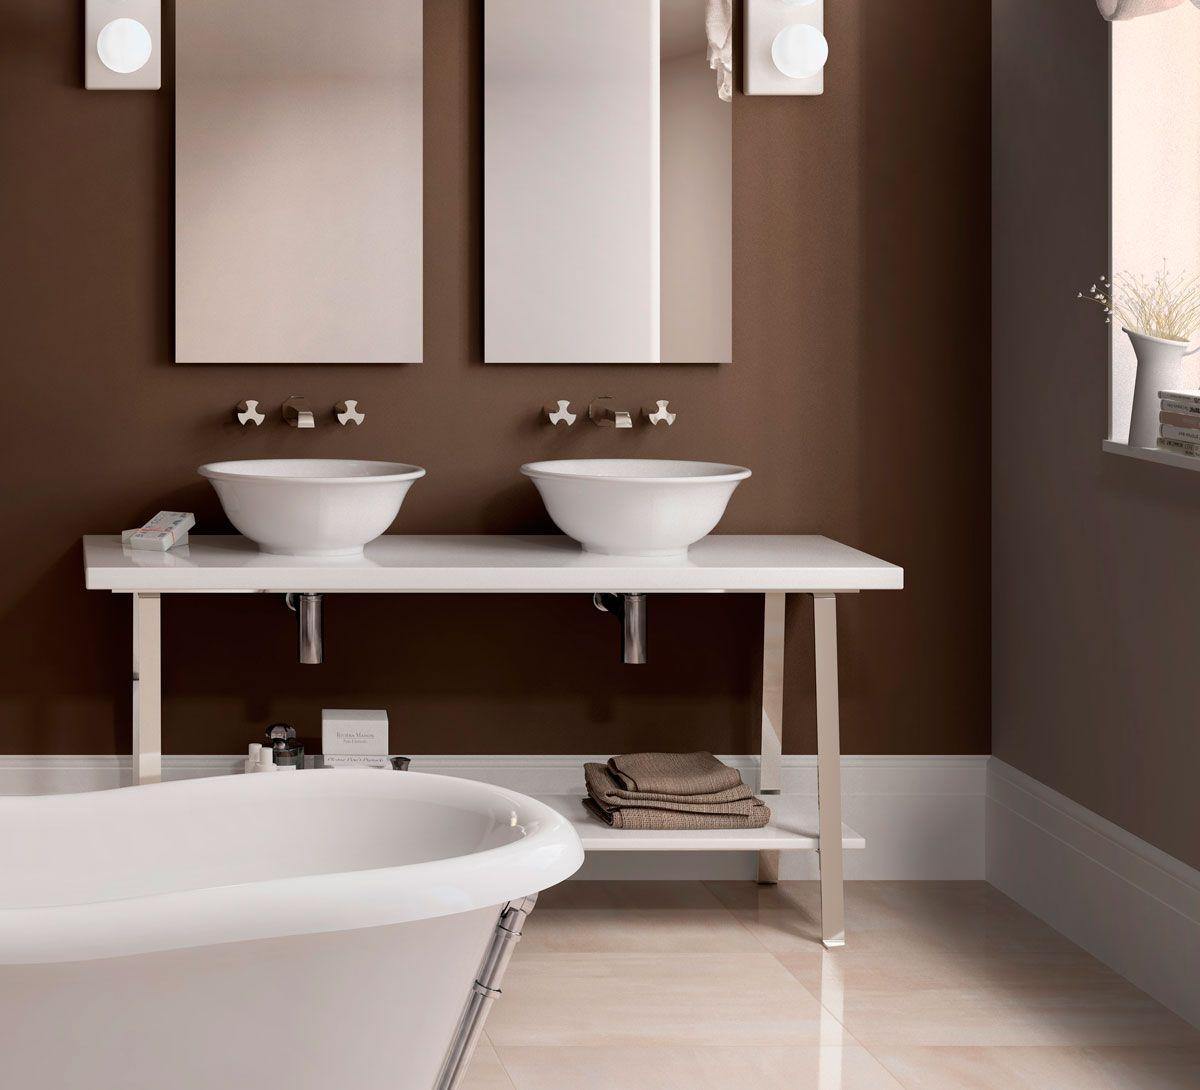 Flaminia Waschbecken Waschbecken Italienische Keramik Badezimmer